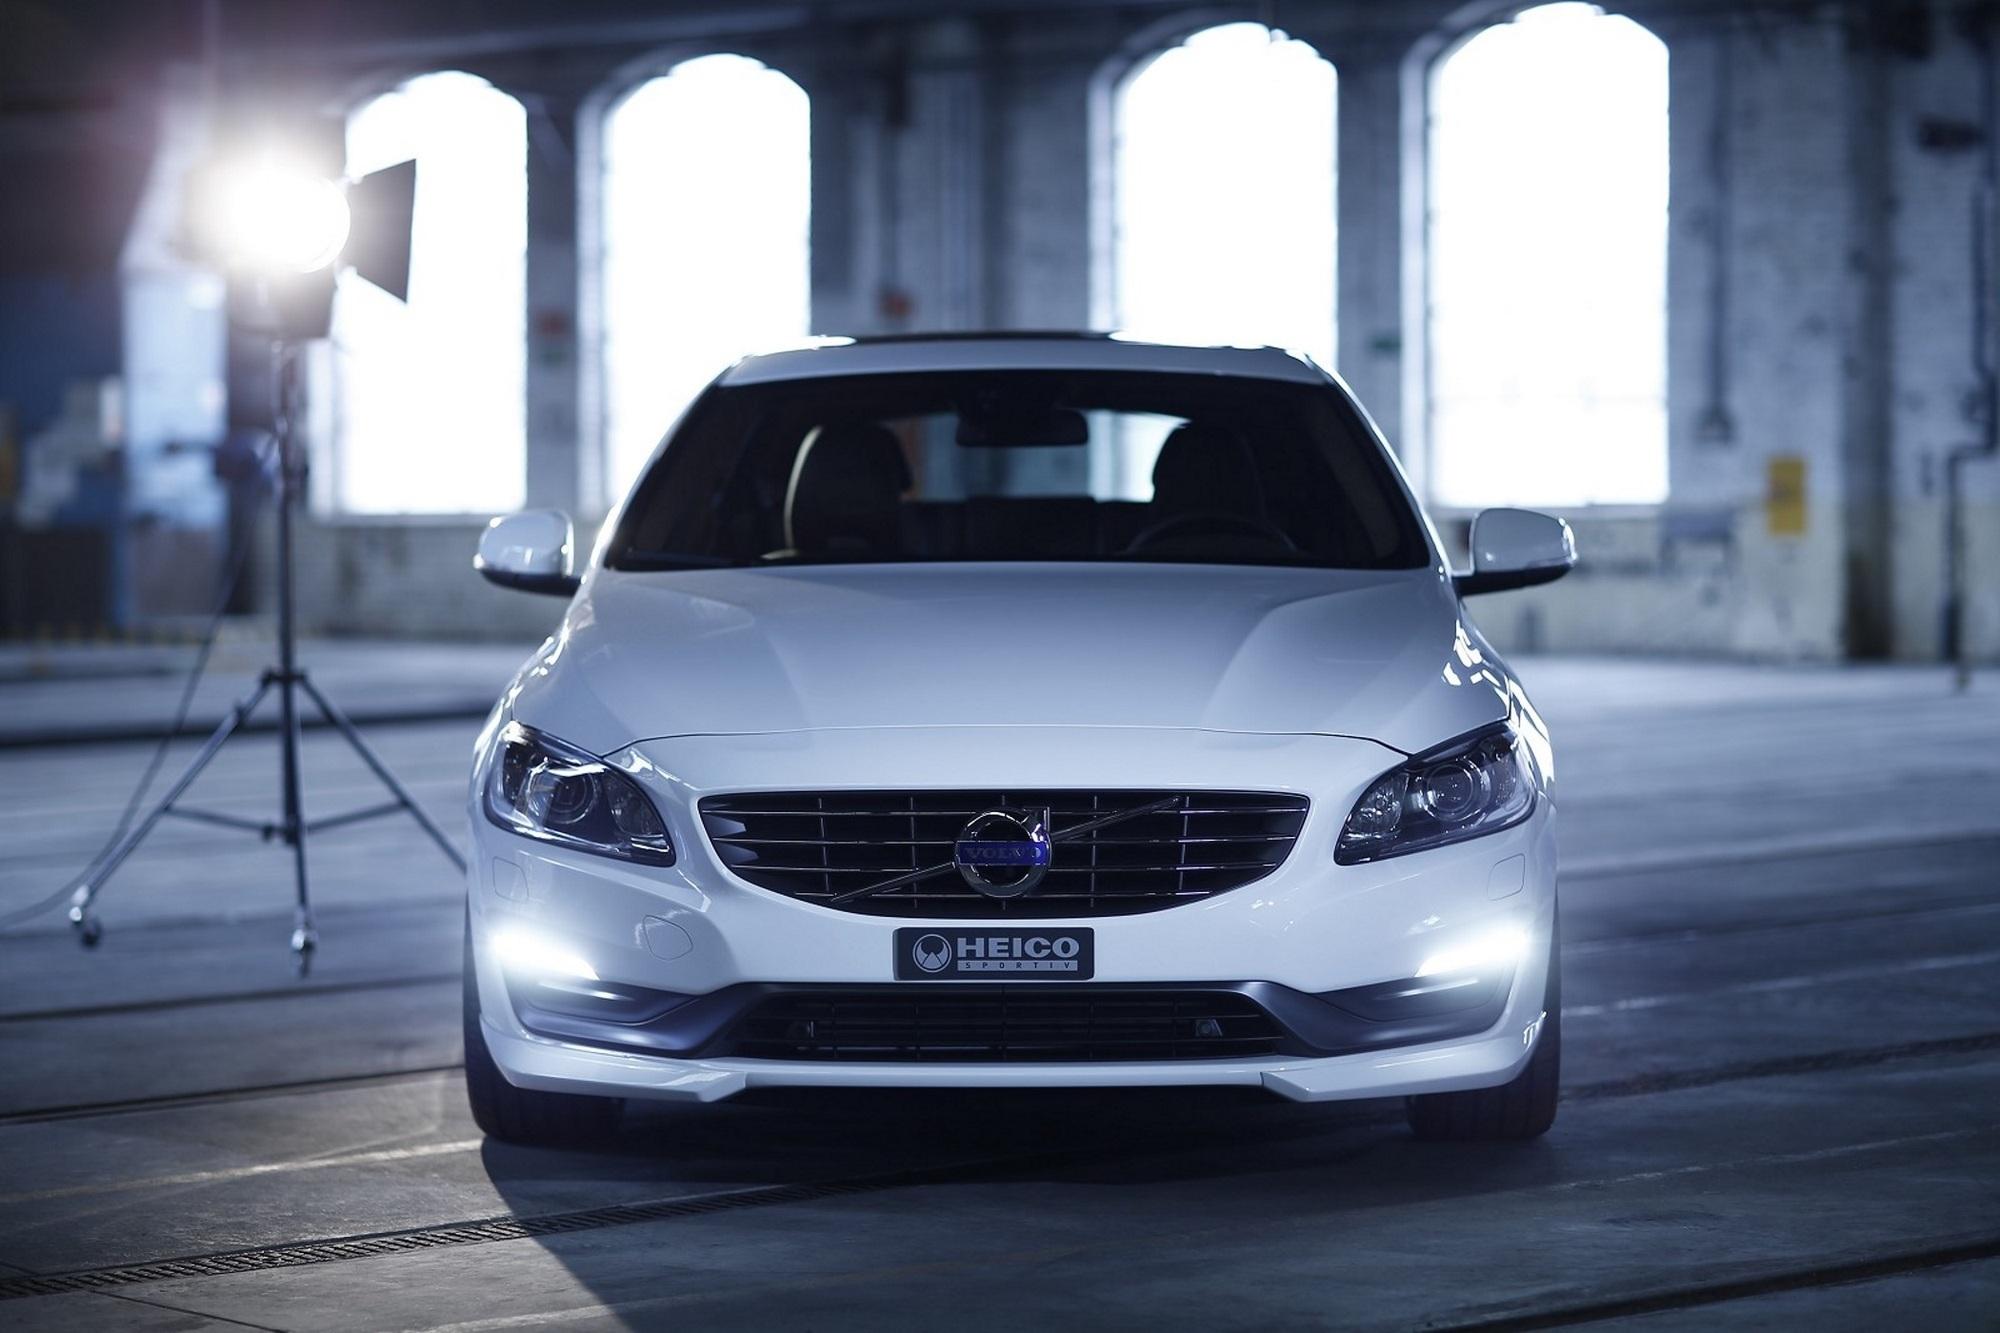 Heico tunt Steckdosen-Hybrid - Mehr Power für Volvo V60 Plug-in